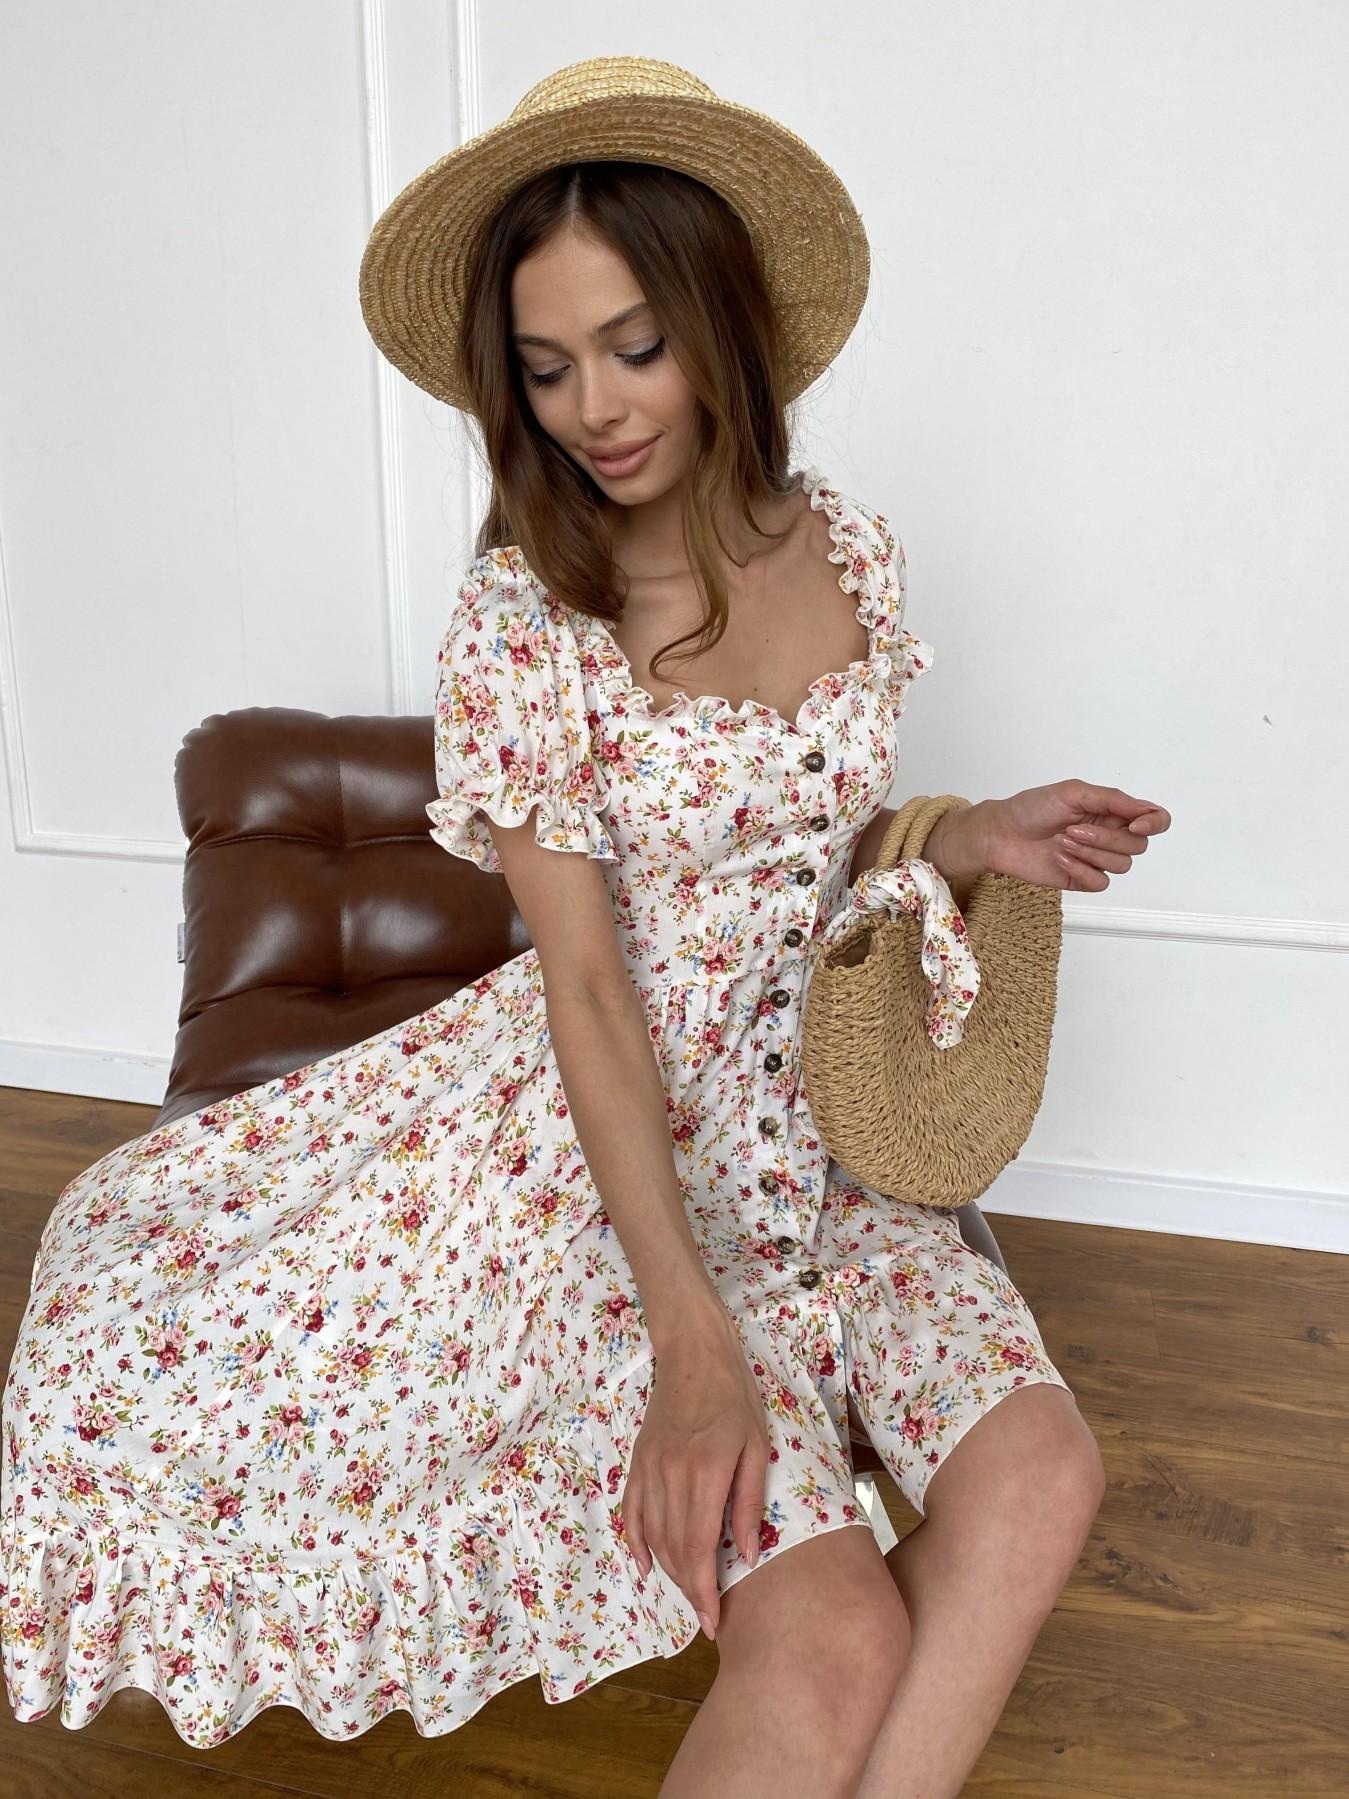 Нежность платье штапель принт 11420 АРТ. 47984 Цвет: Молоко/РозовыйБукет - фото 2, интернет магазин tm-modus.ru